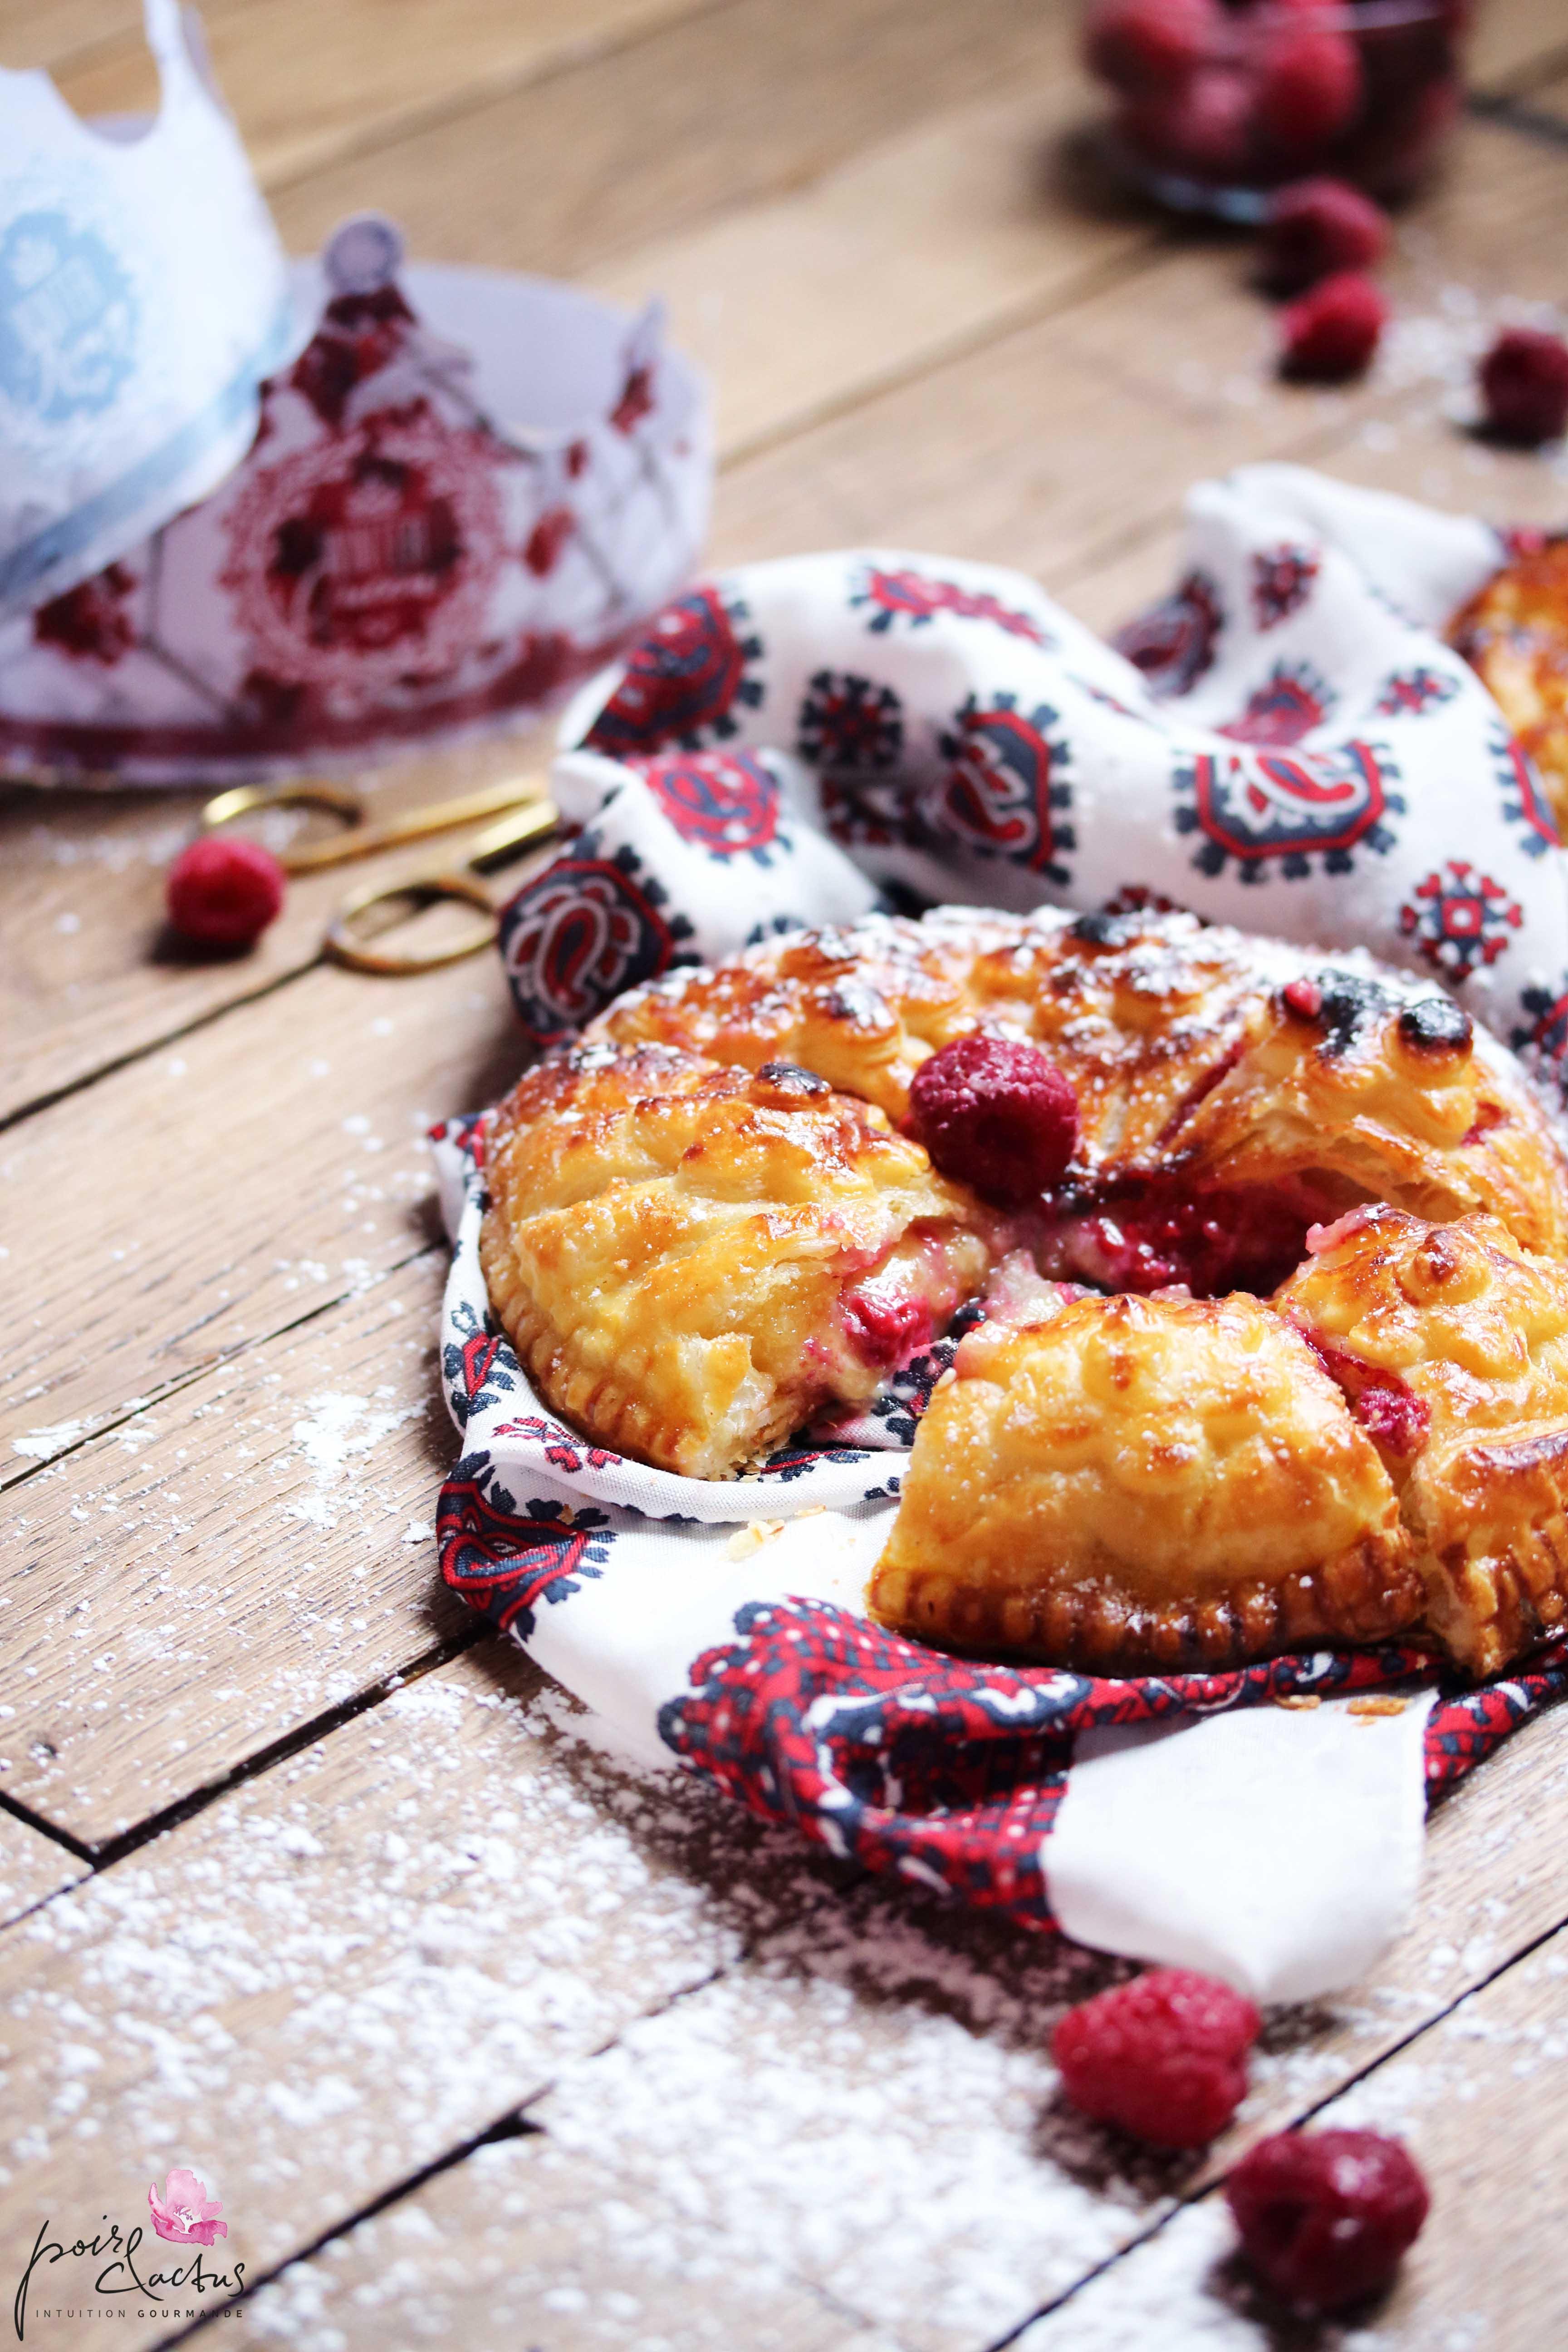 recette_galettedesrois_frangipane_framboise_chocolatblanc_poiretcactus4